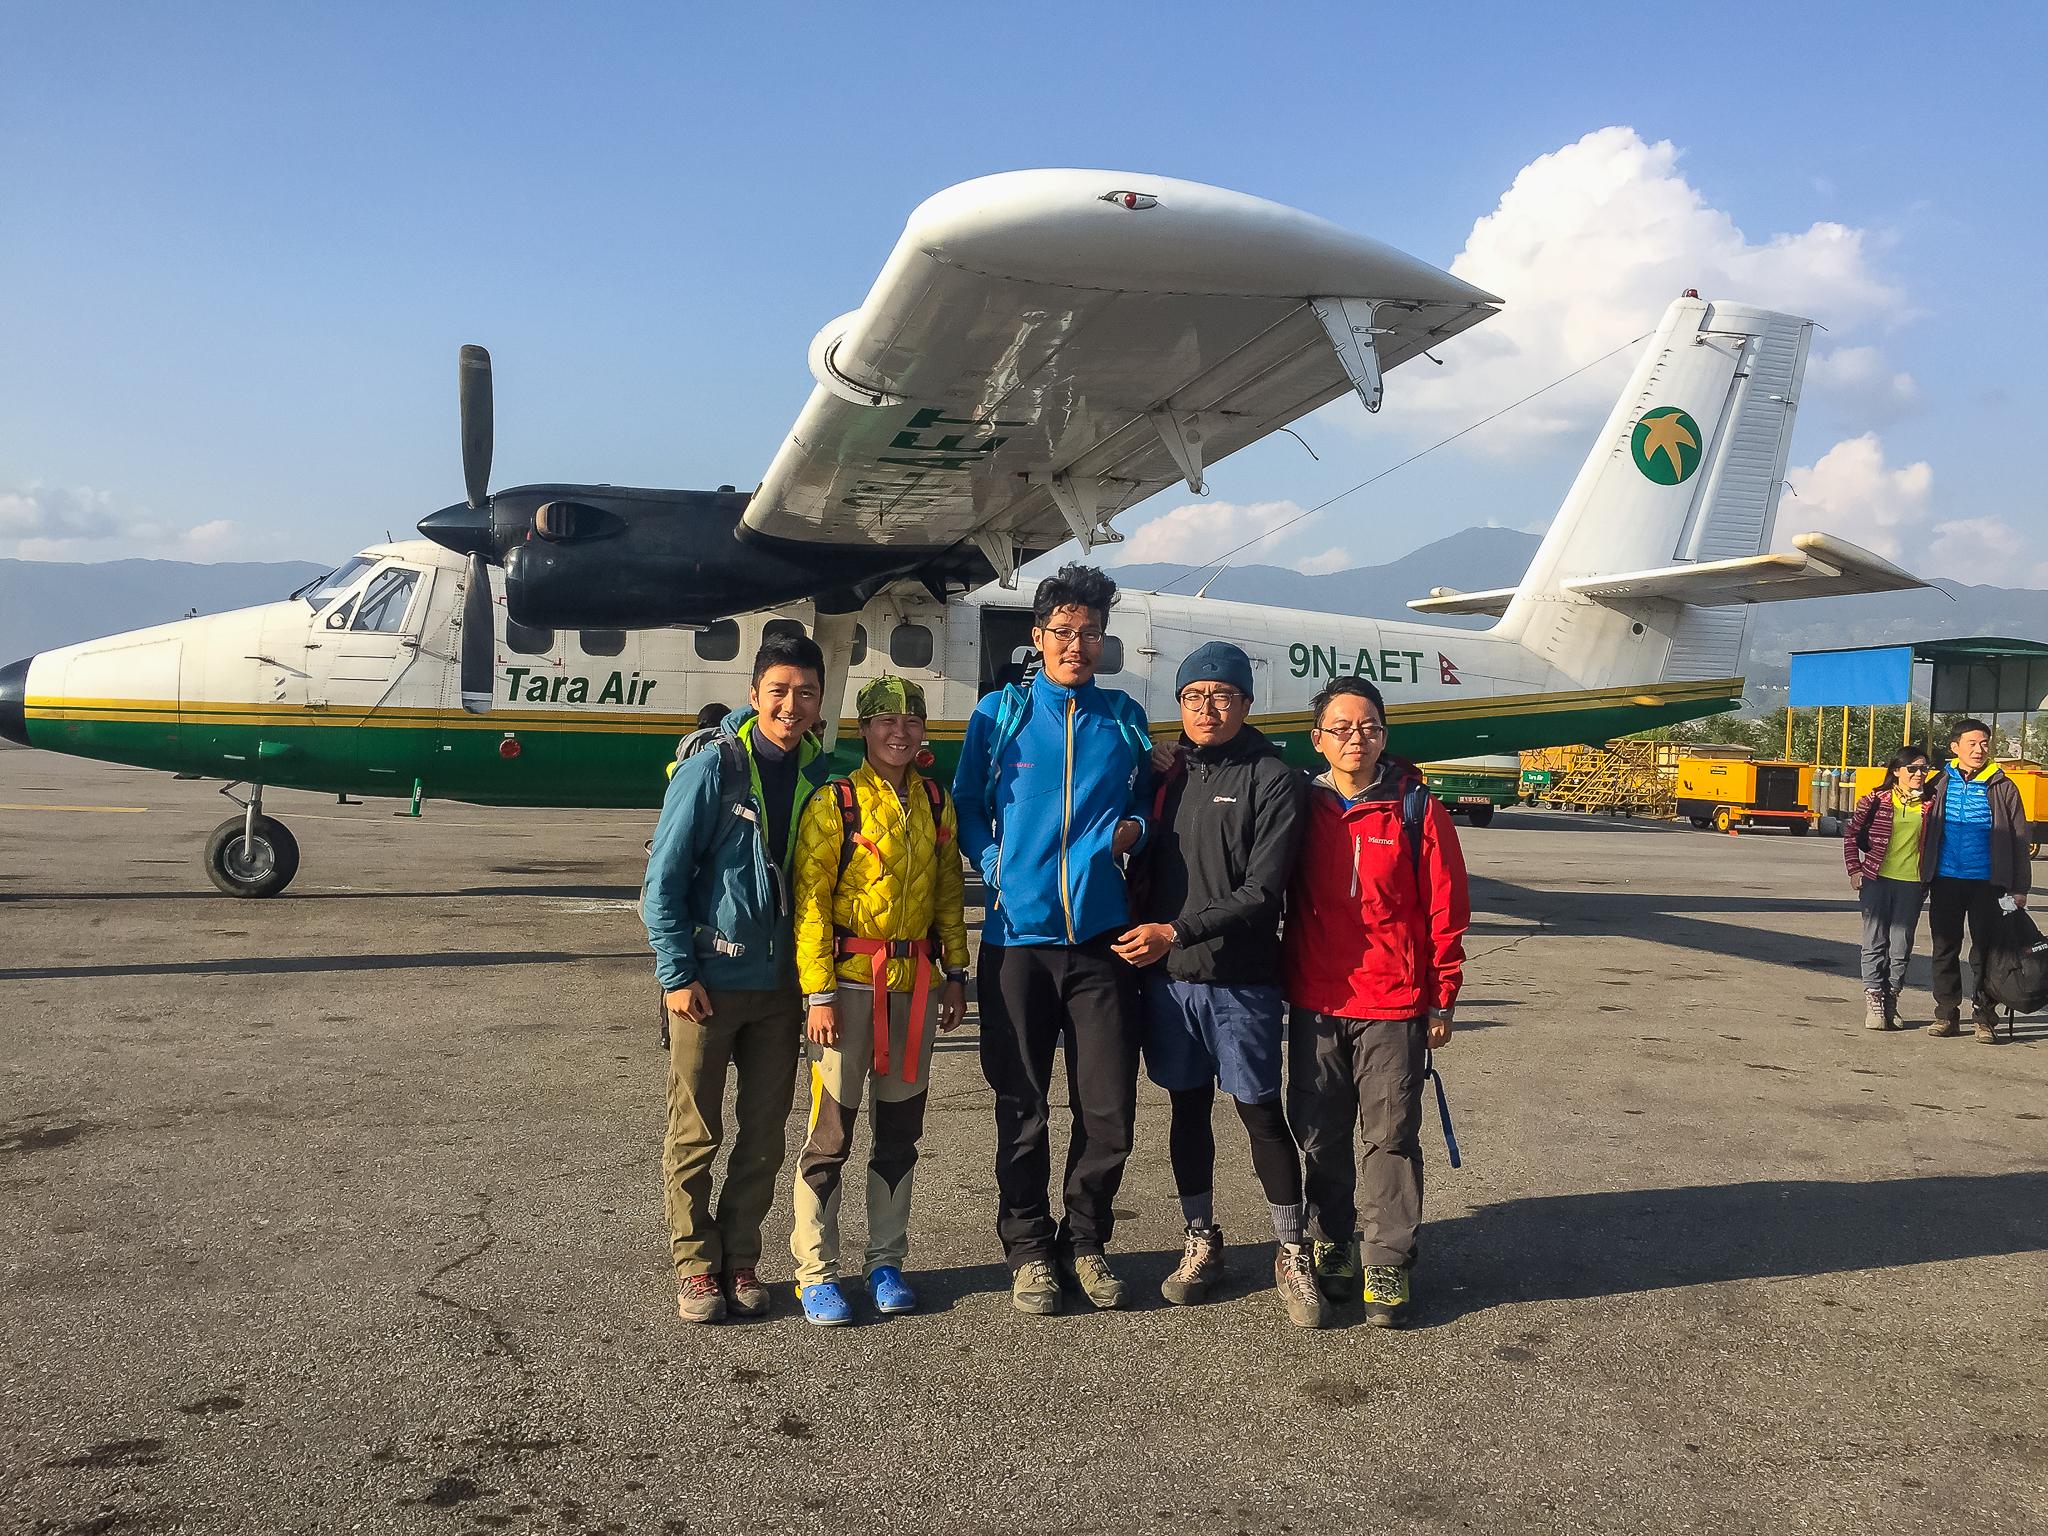 EverestTrekPart8_066.jpg